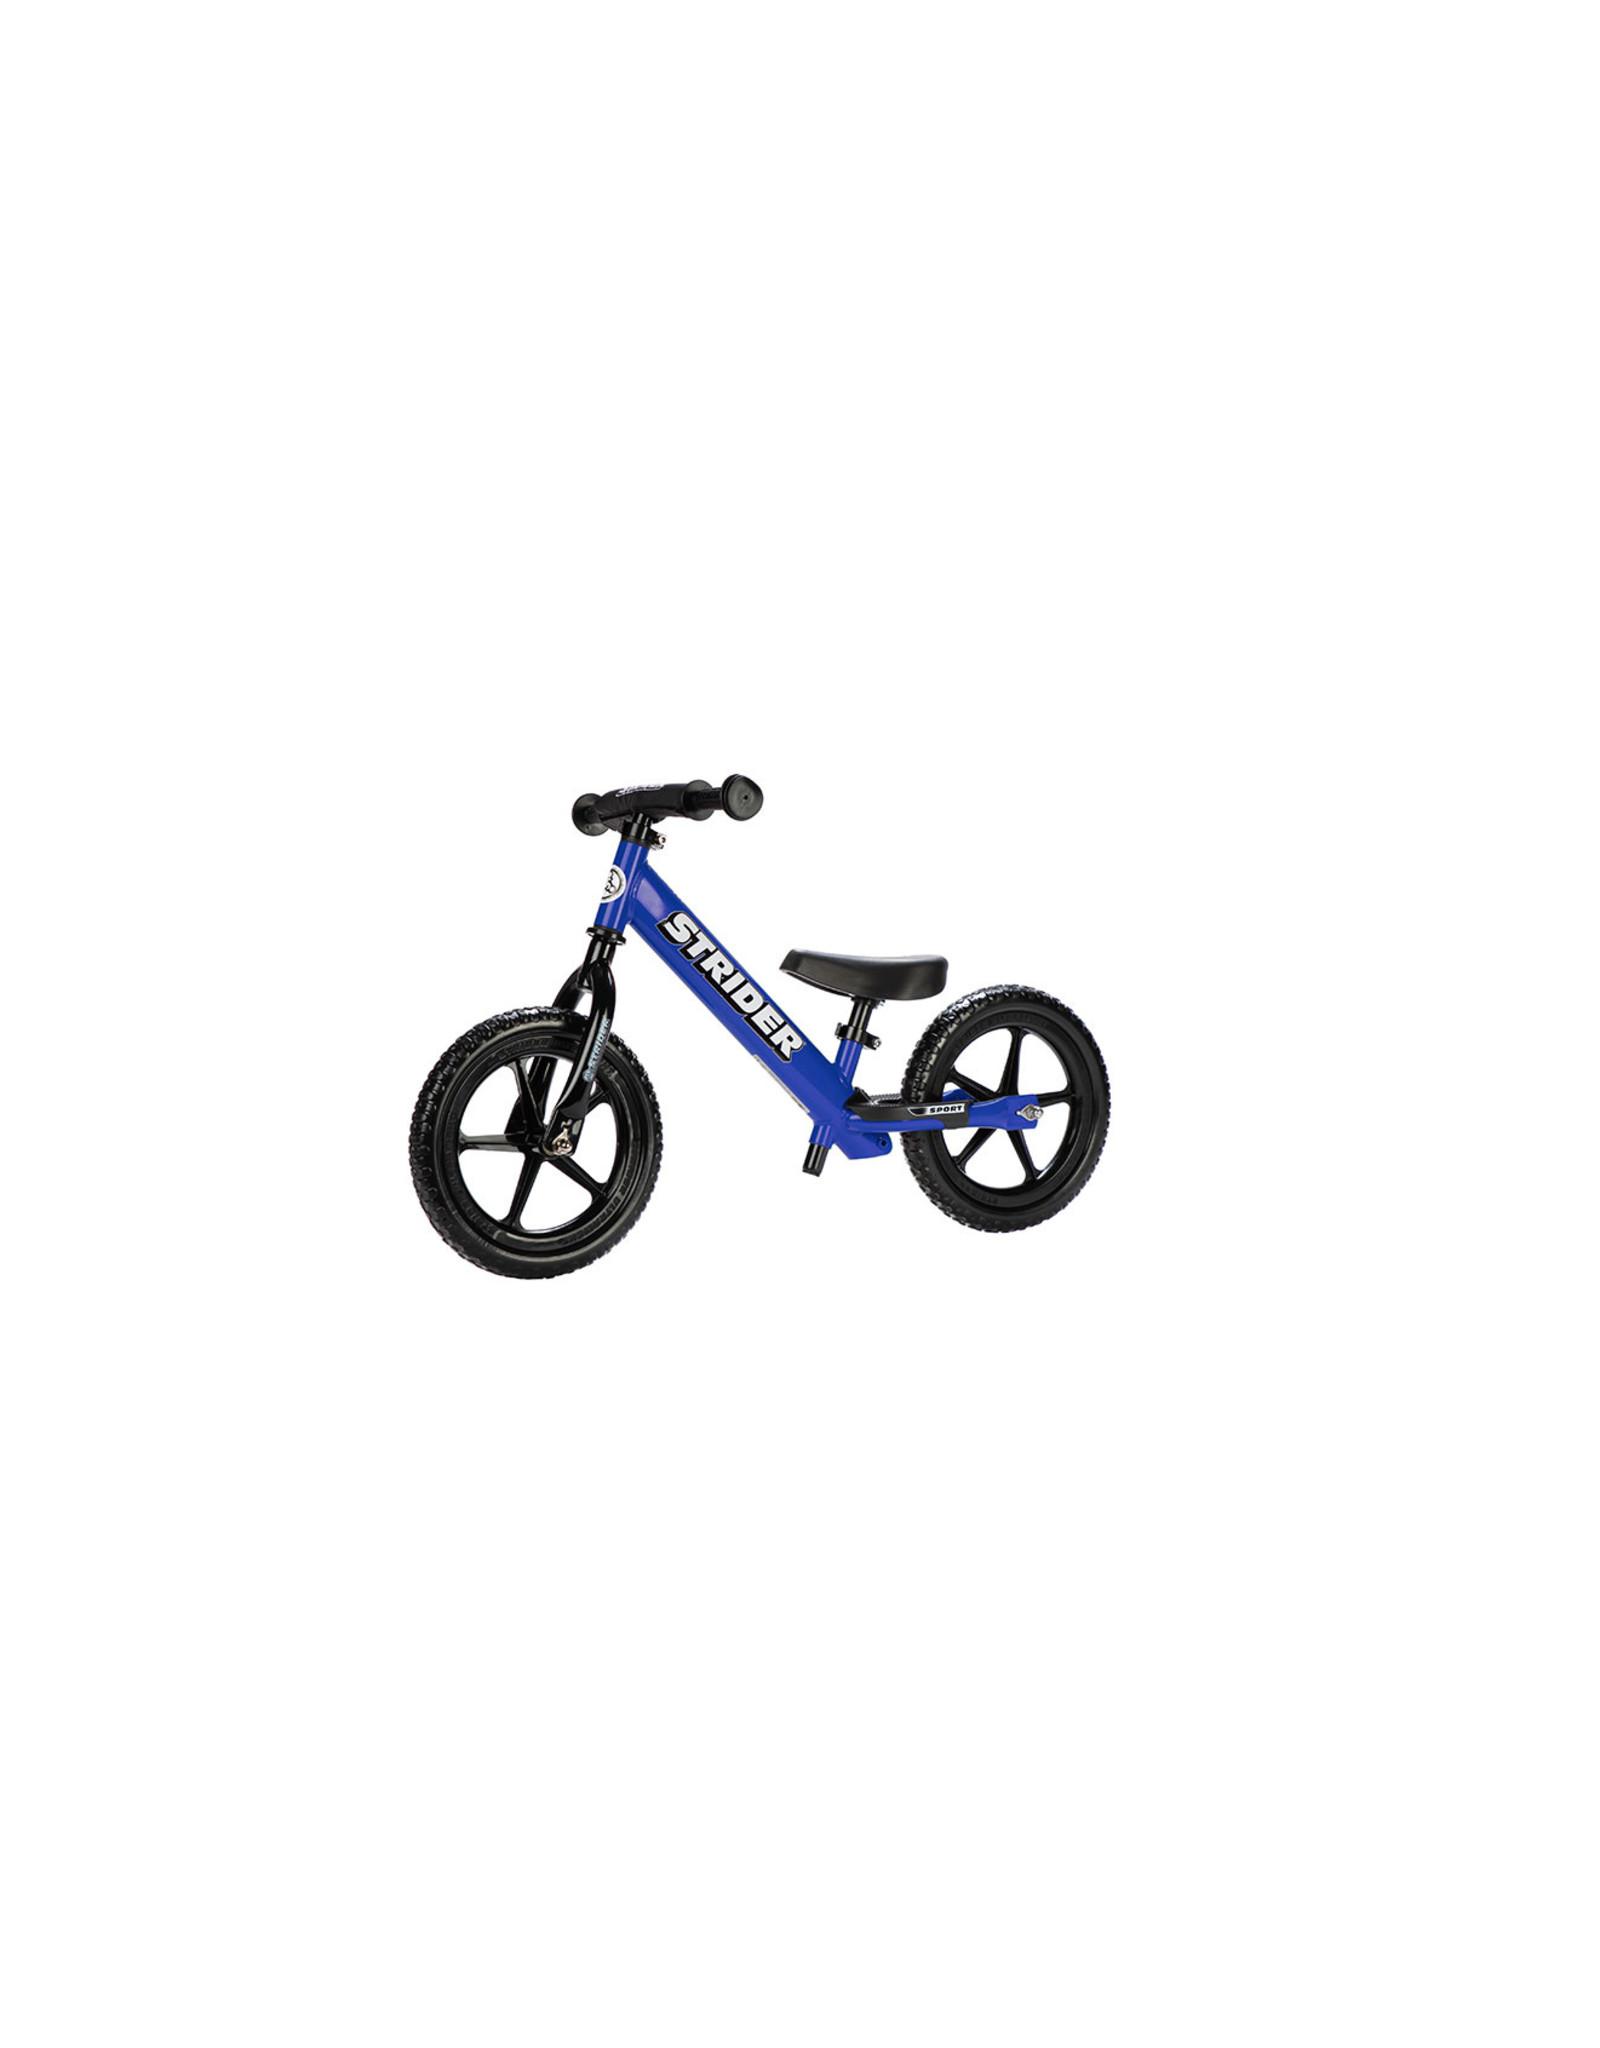 Strider Strider 12 Sport Blue